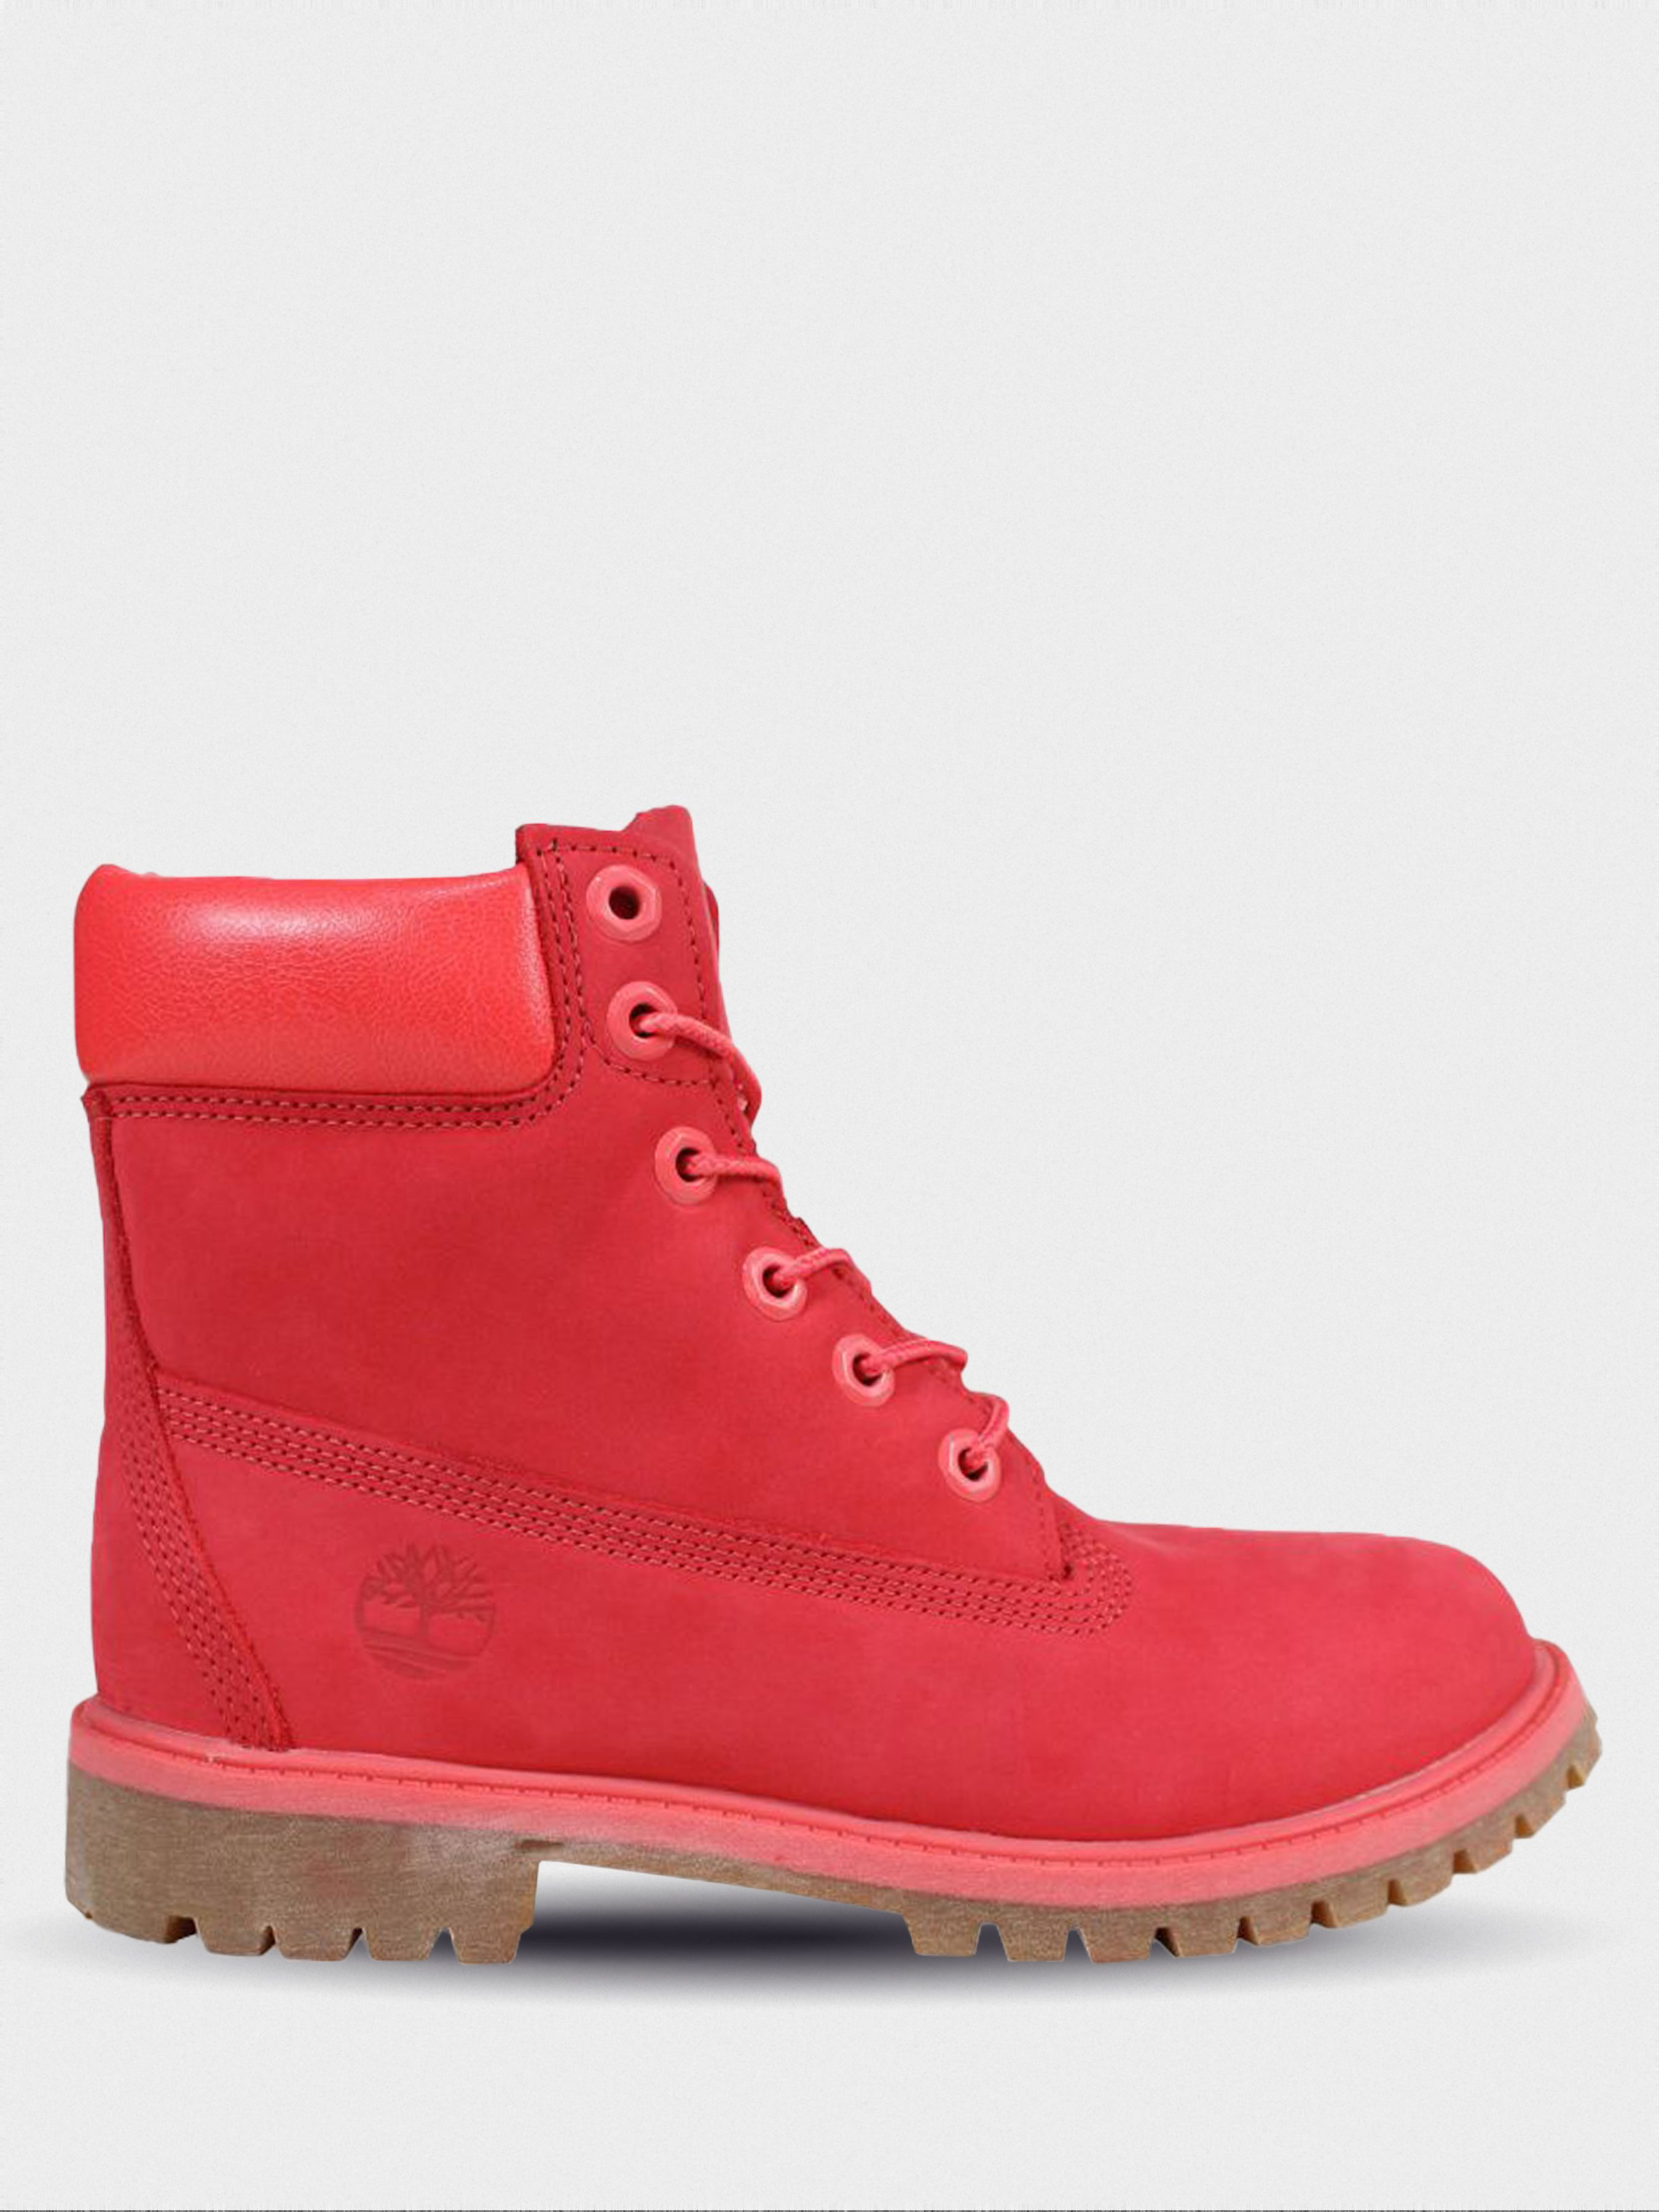 Ботинки для детей Timberland 6 In Classic Boot TL1627 купить в Интертоп, 2017